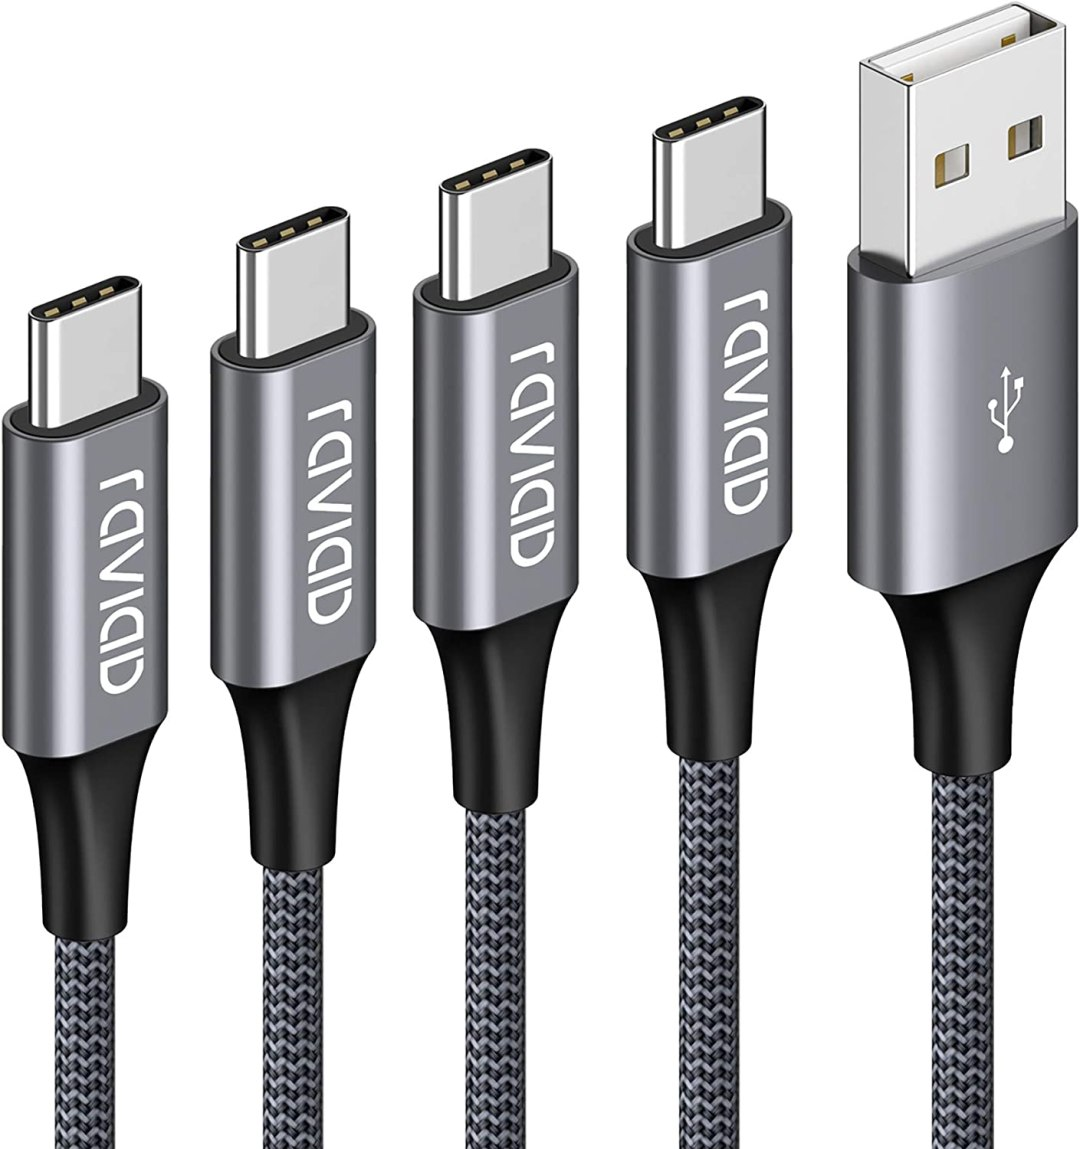 Câble USB Type C, RAVIAD [Lot de 4, 0.5m+1m+2m+3m] USB Cable Type C en Nylon Tressé Chargeur USB C Connecteur pour Samsung Galaxy S10/ S9 /S8 /Note 10 9,Huawei P30/ P20/ Mate20, Sony Xperia XZ Gris